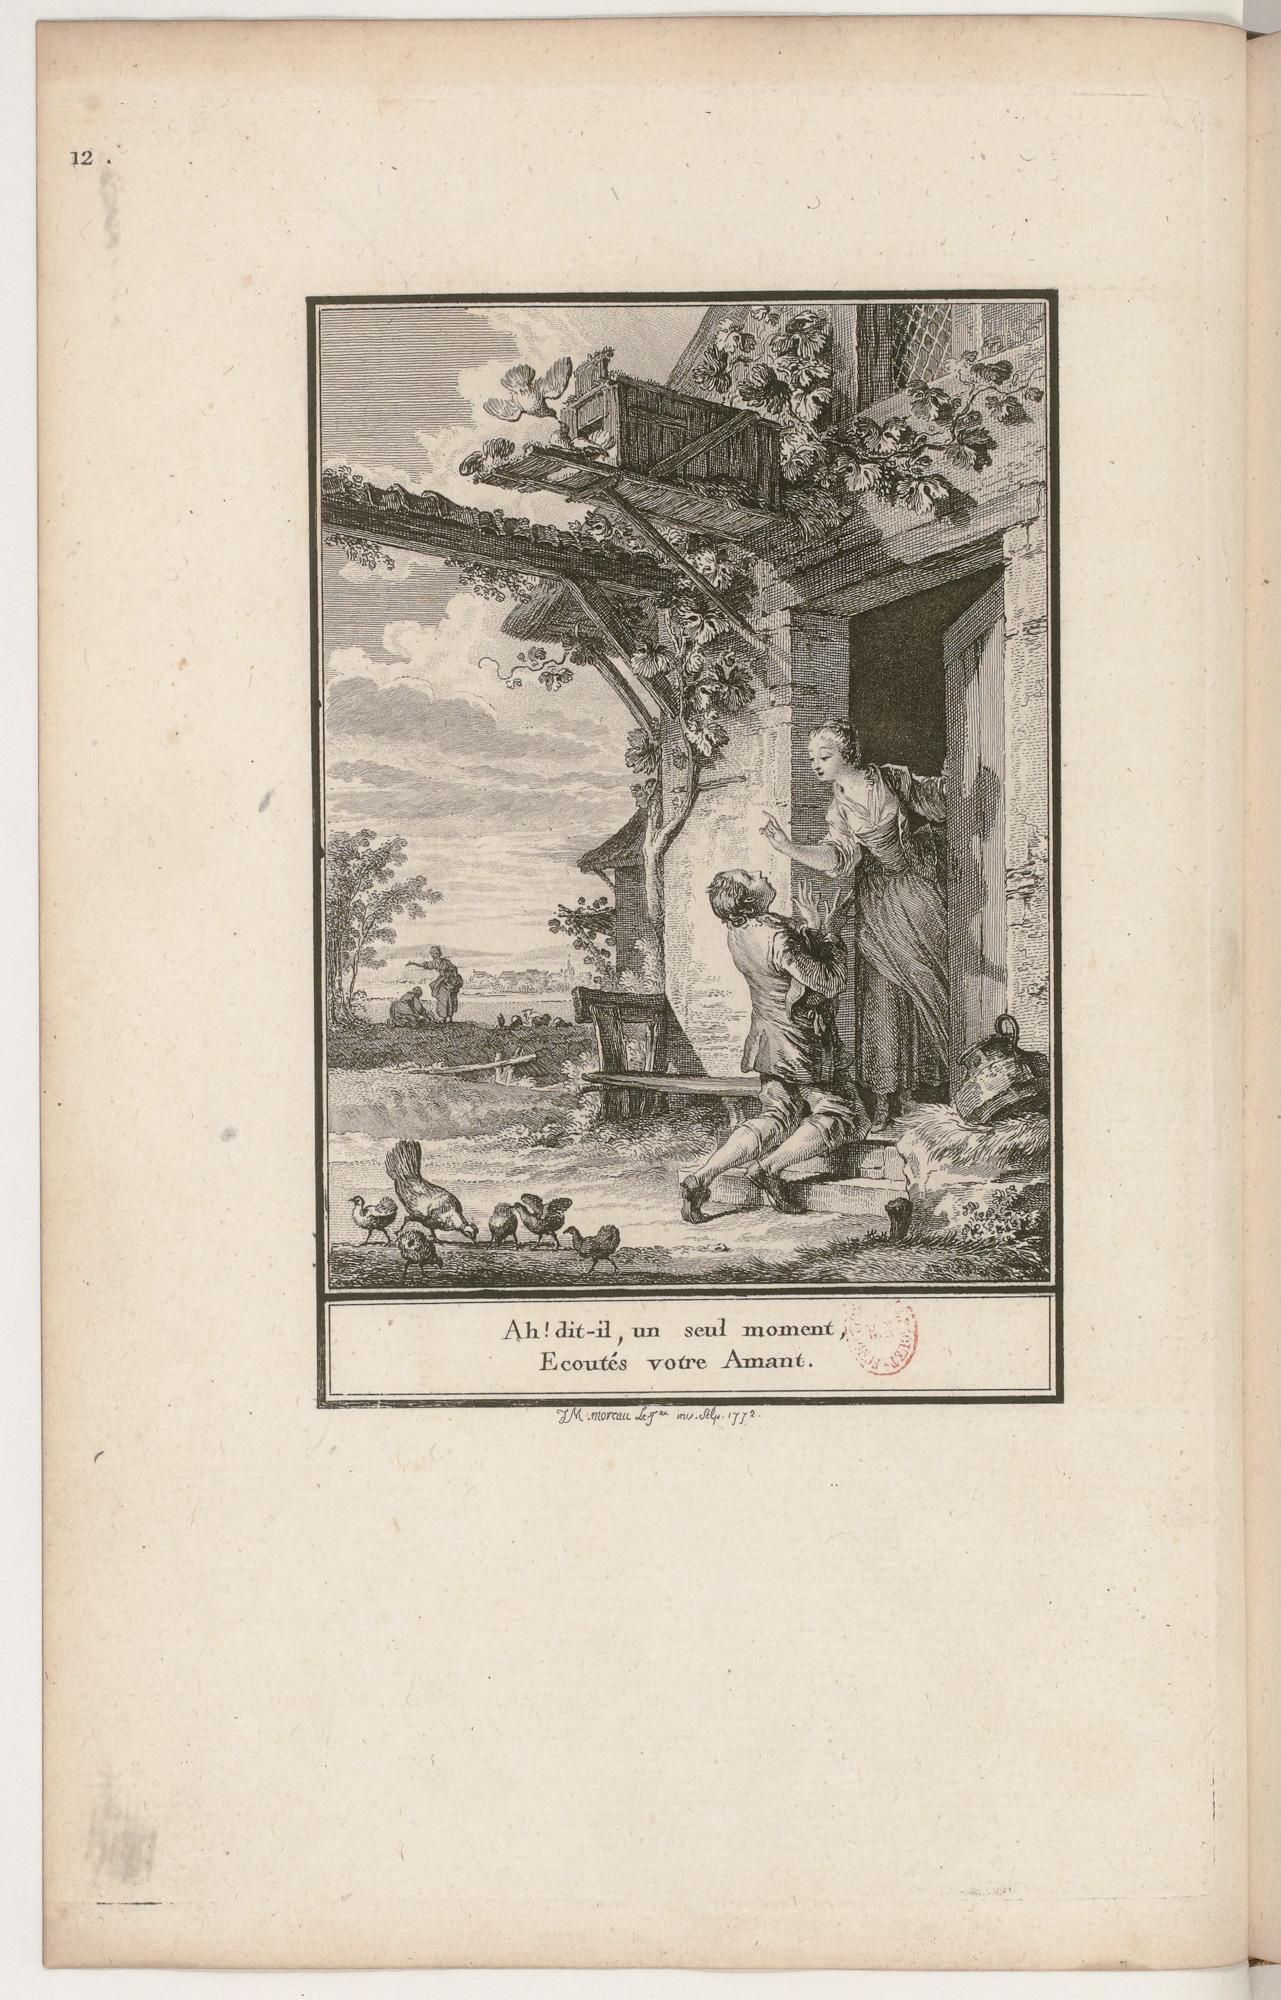 S.1.02 Les amours de Glicere et d'Alexis Image 1772